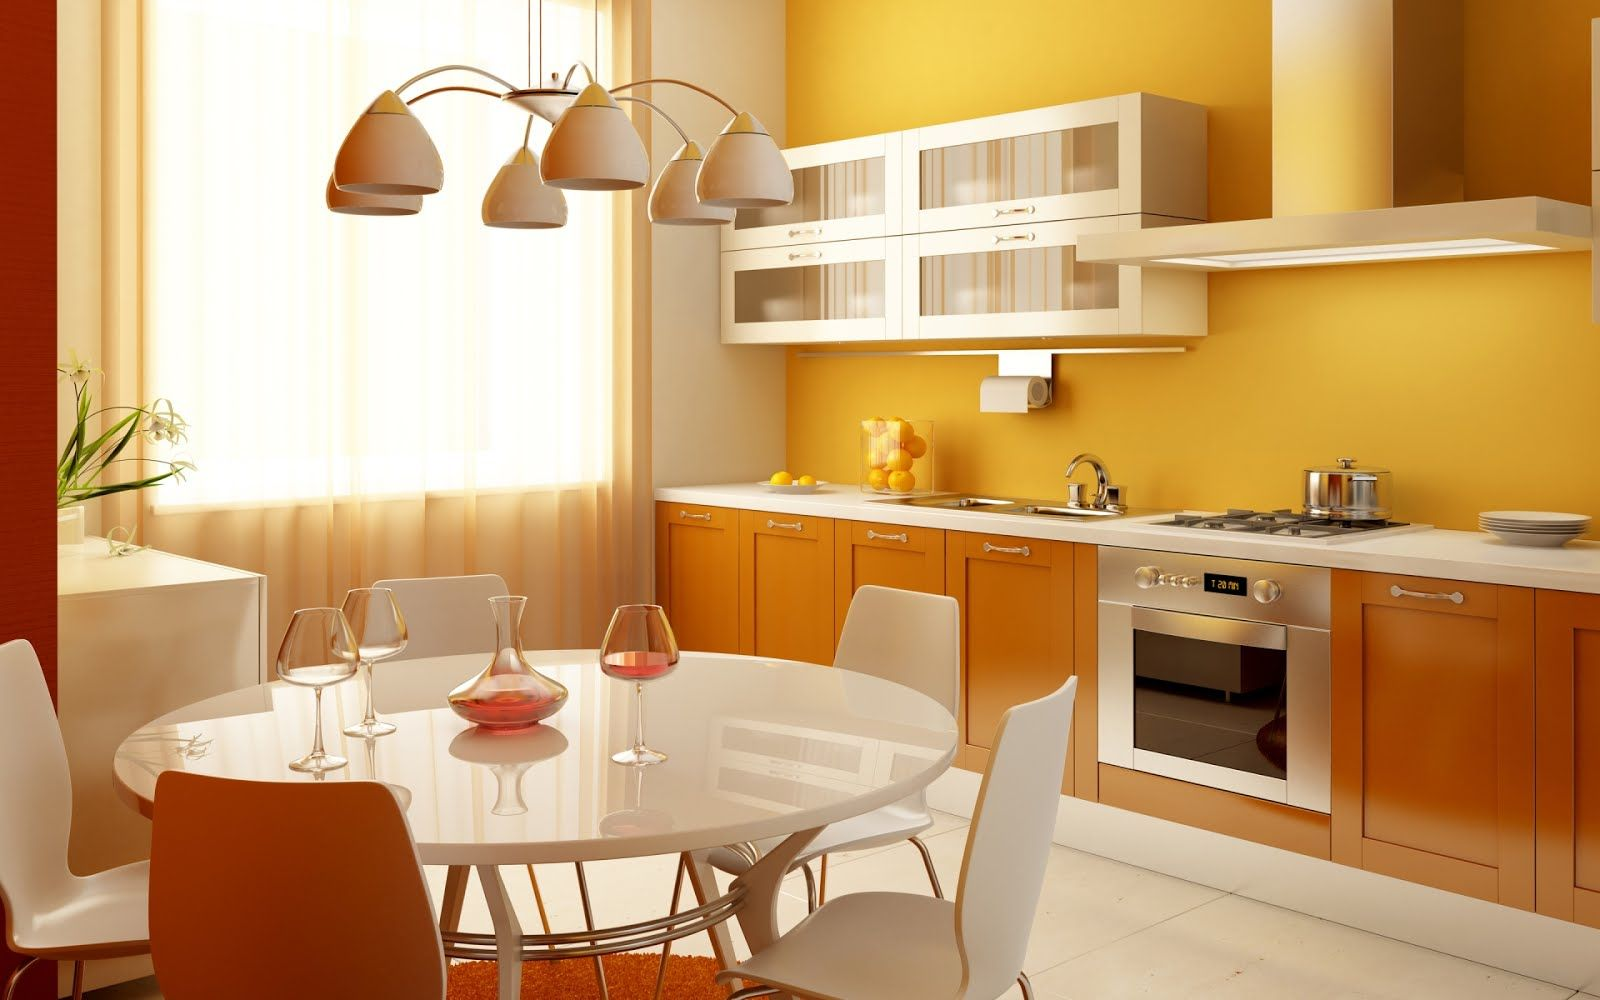 la-cocina-de-la-casa-de-mis-sueños-kitchen-furniture-1920x1200 ...